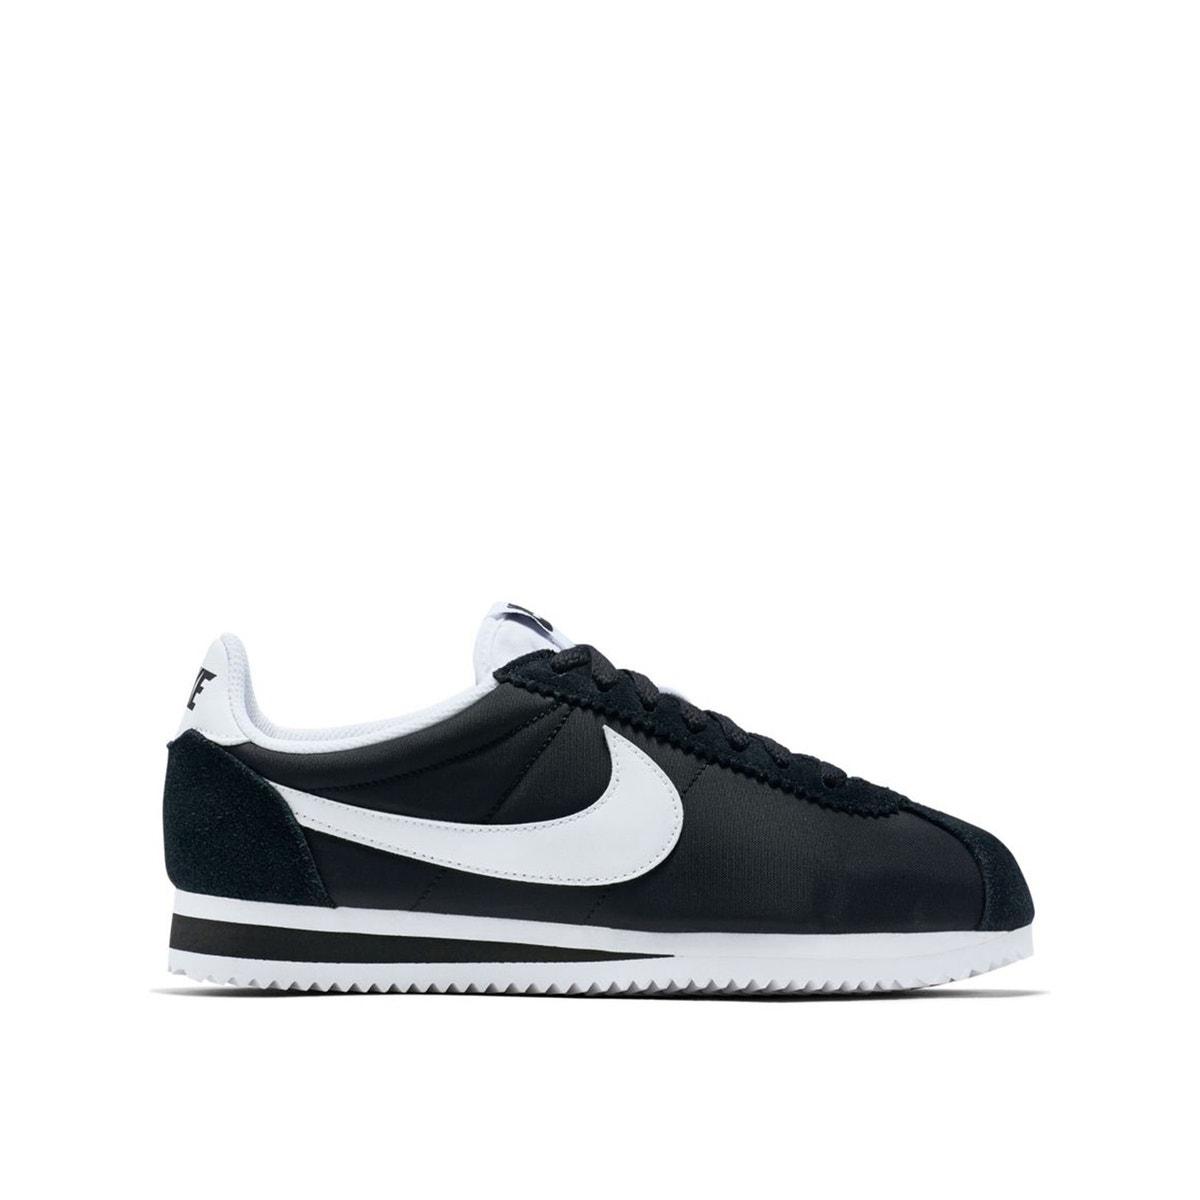 Nike - Nike 350148328 - 6527&0001